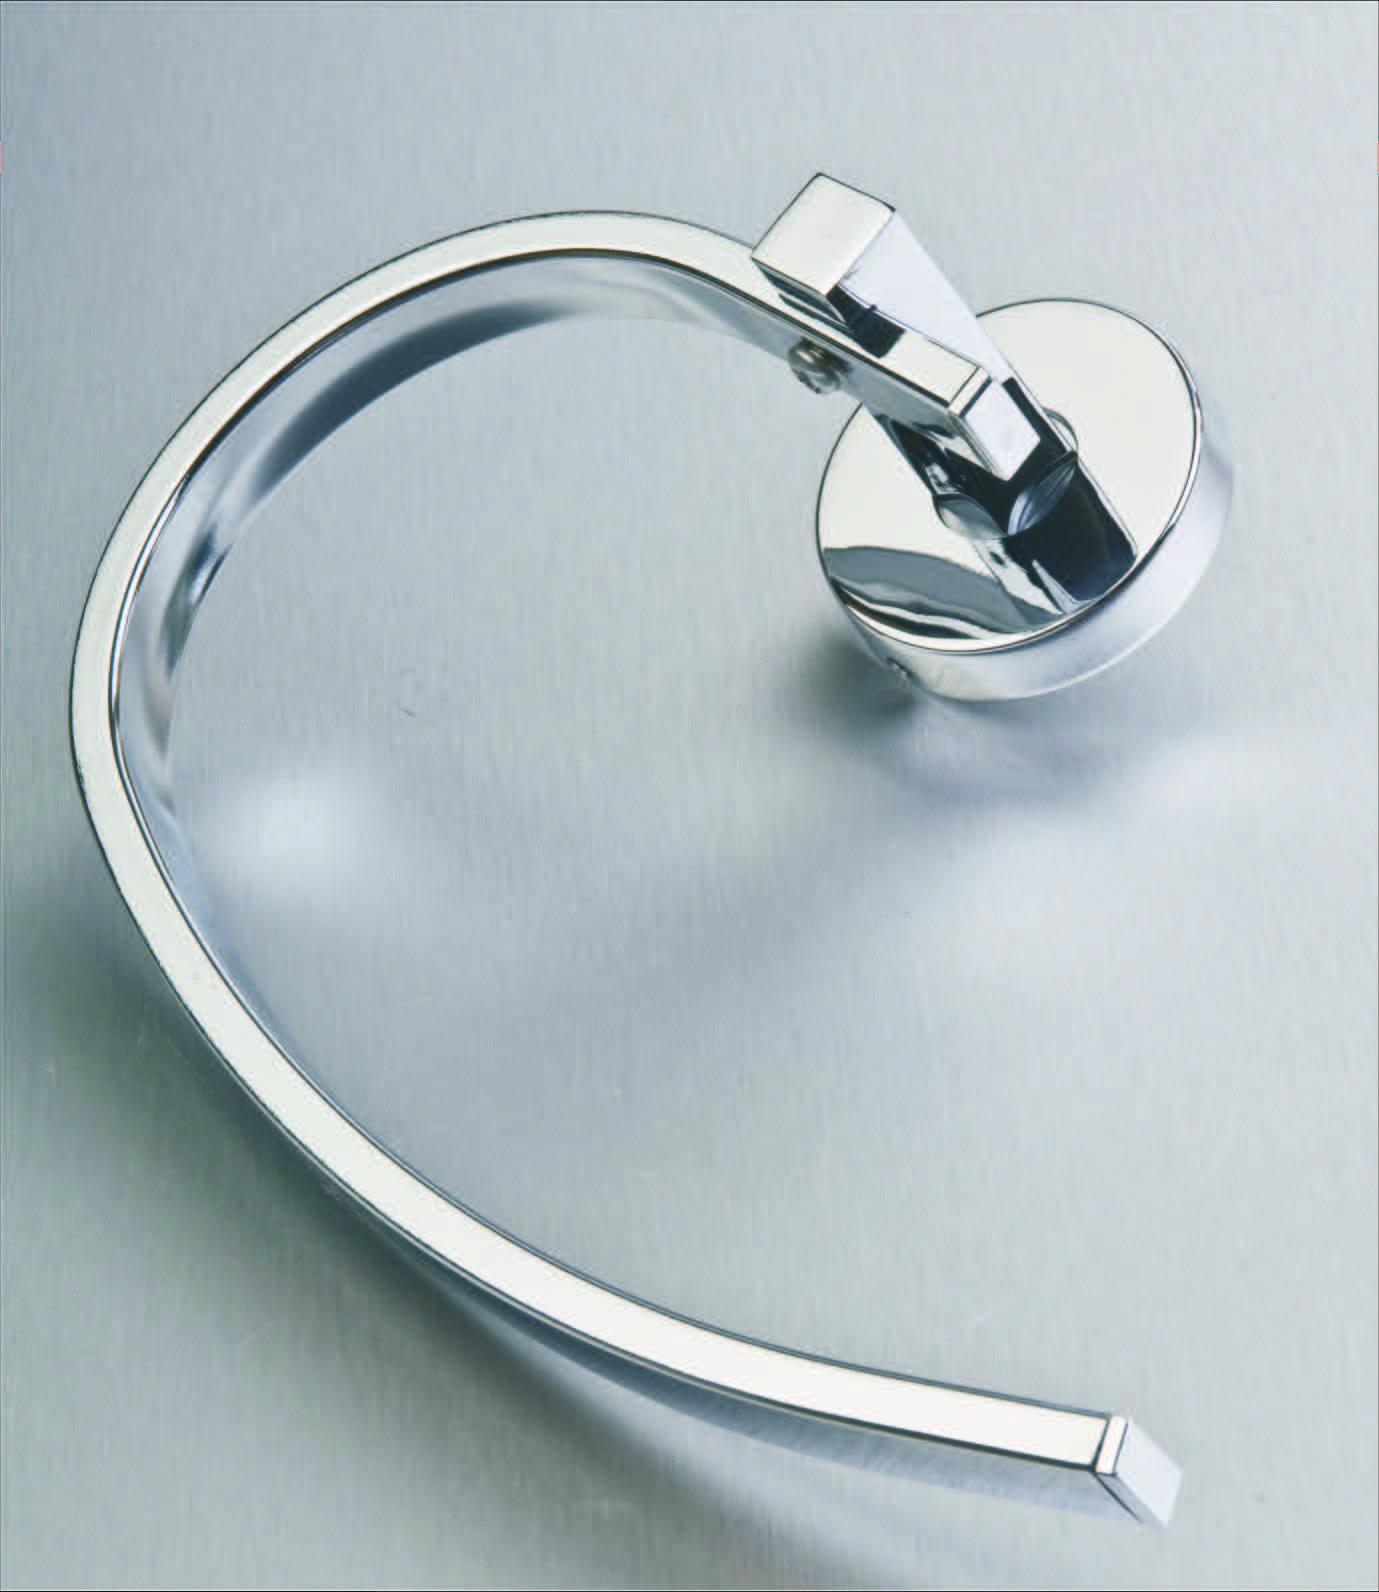 346-towel-ring